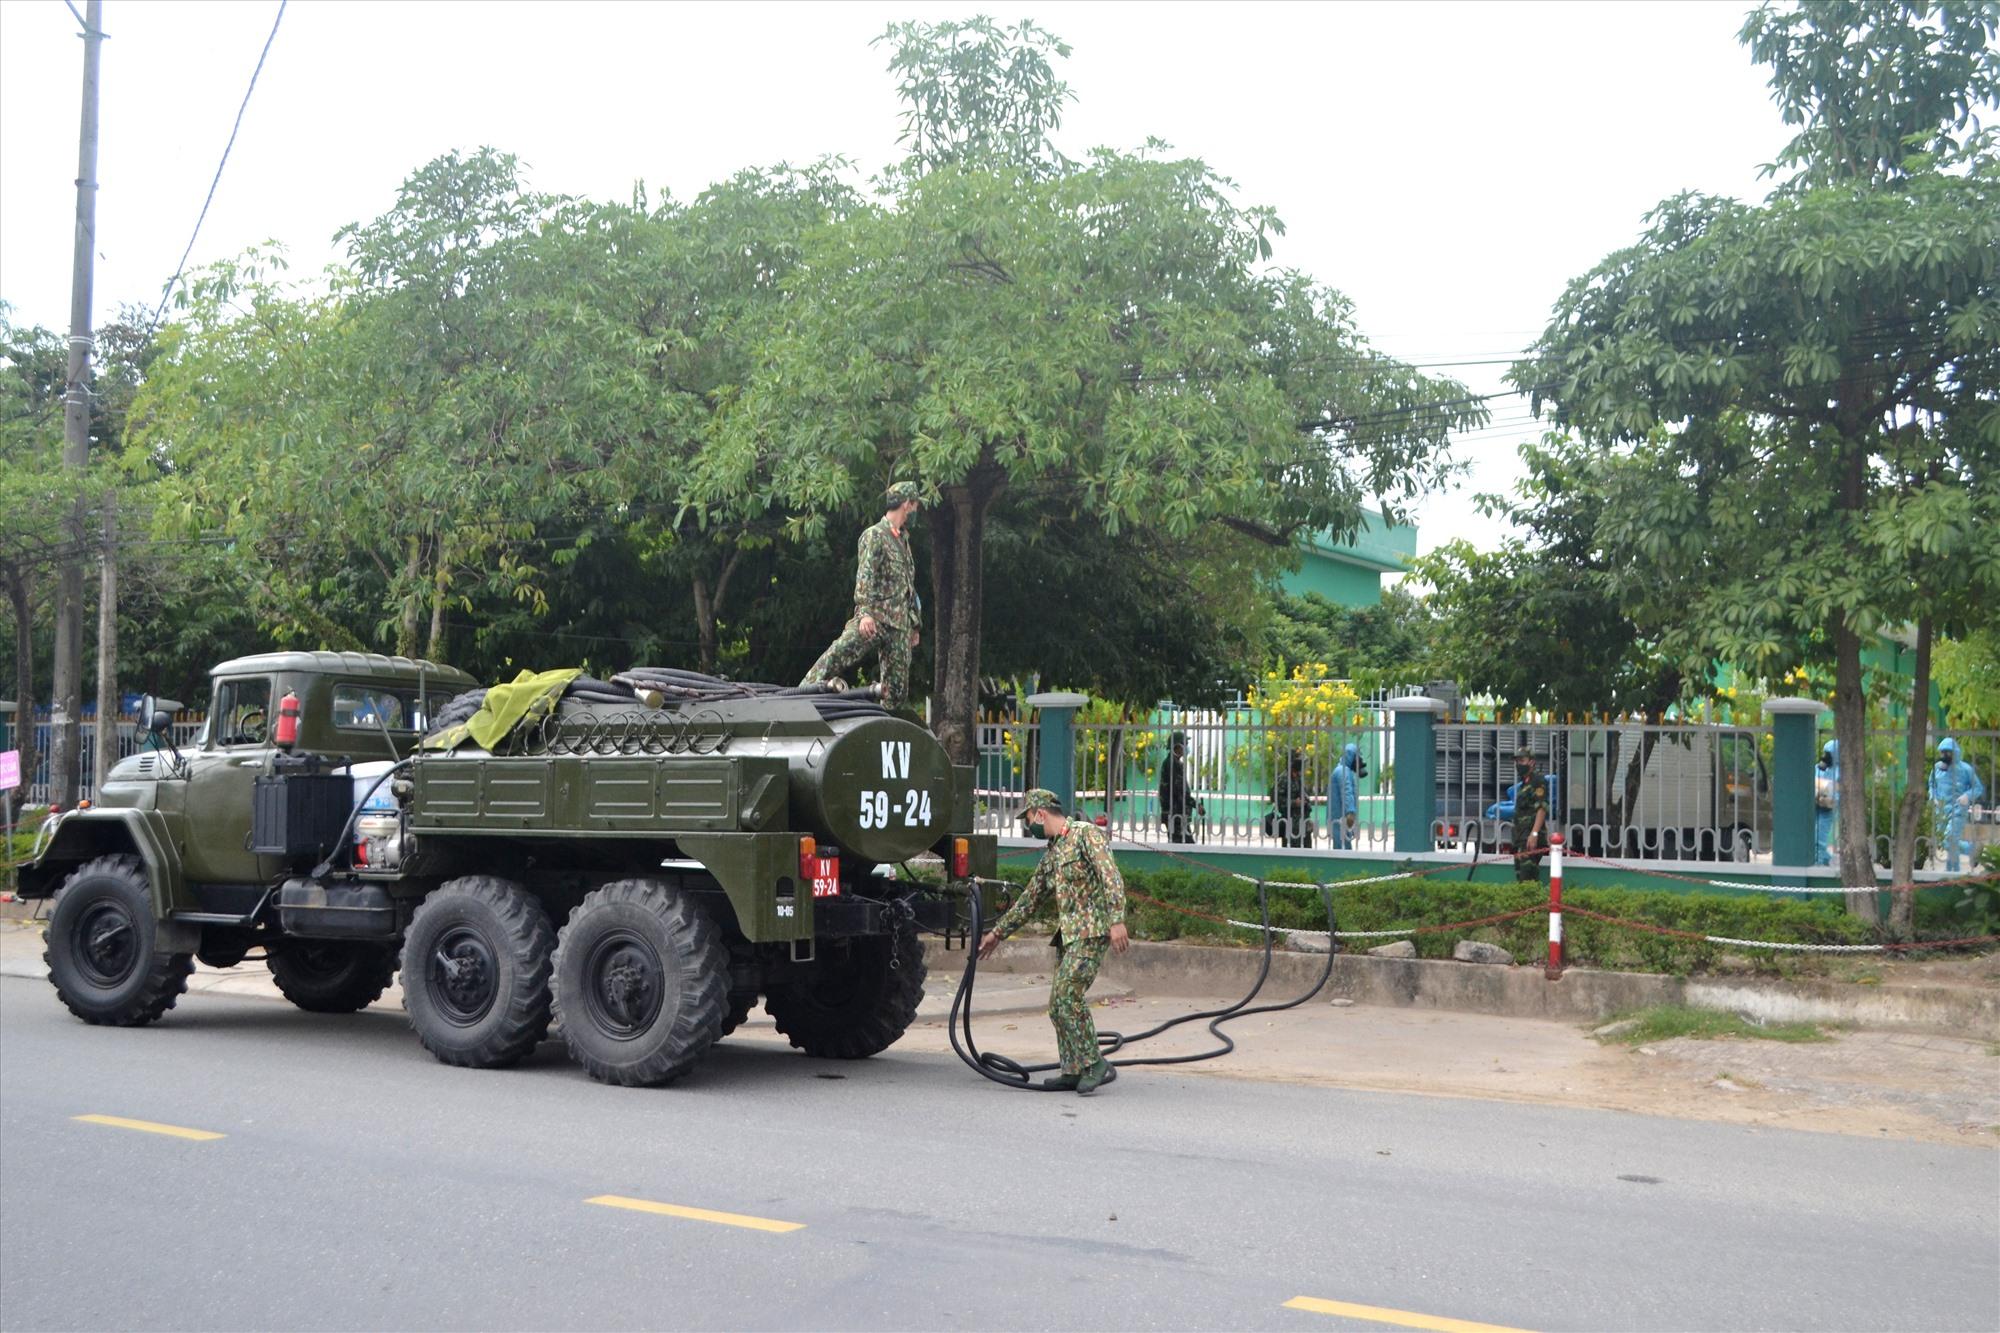 Tiếp thêm dung dịch cho các chiến sĩ triển khai phun tại các vị trí mà ô tô không thể tiếp cận. Ảnh: CT